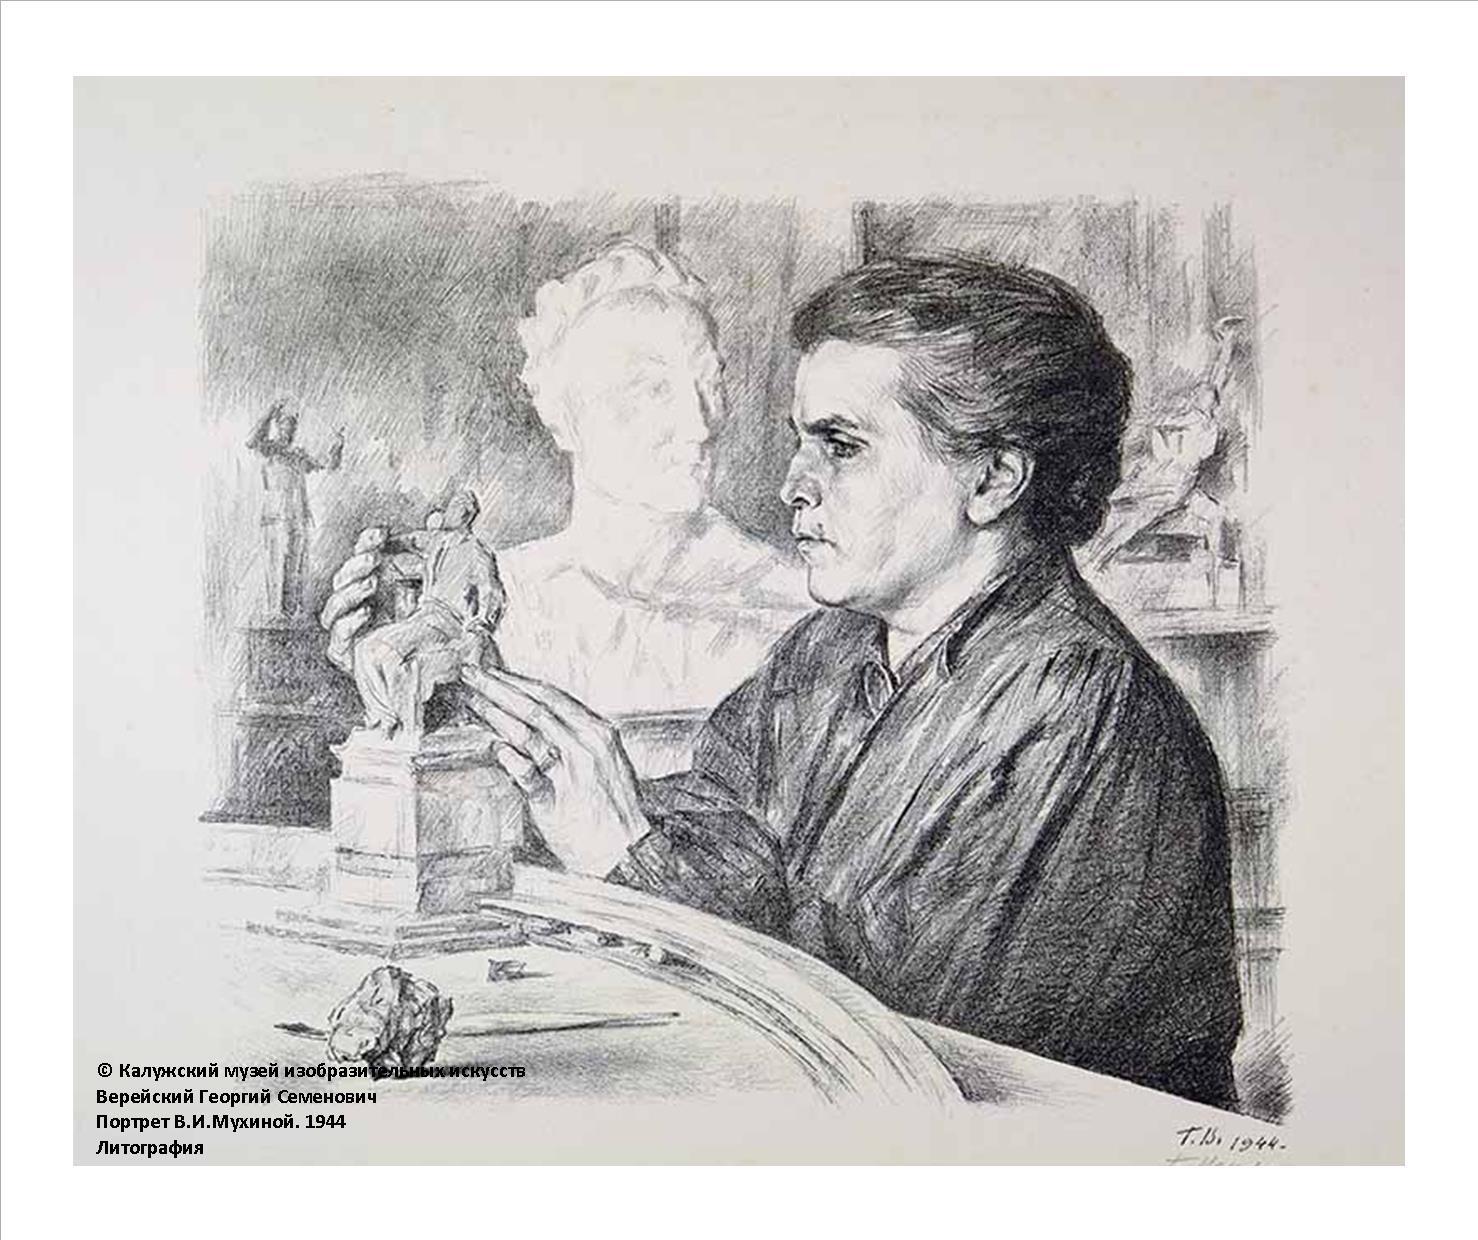 Выставка одной картины откроется в Художественном музее